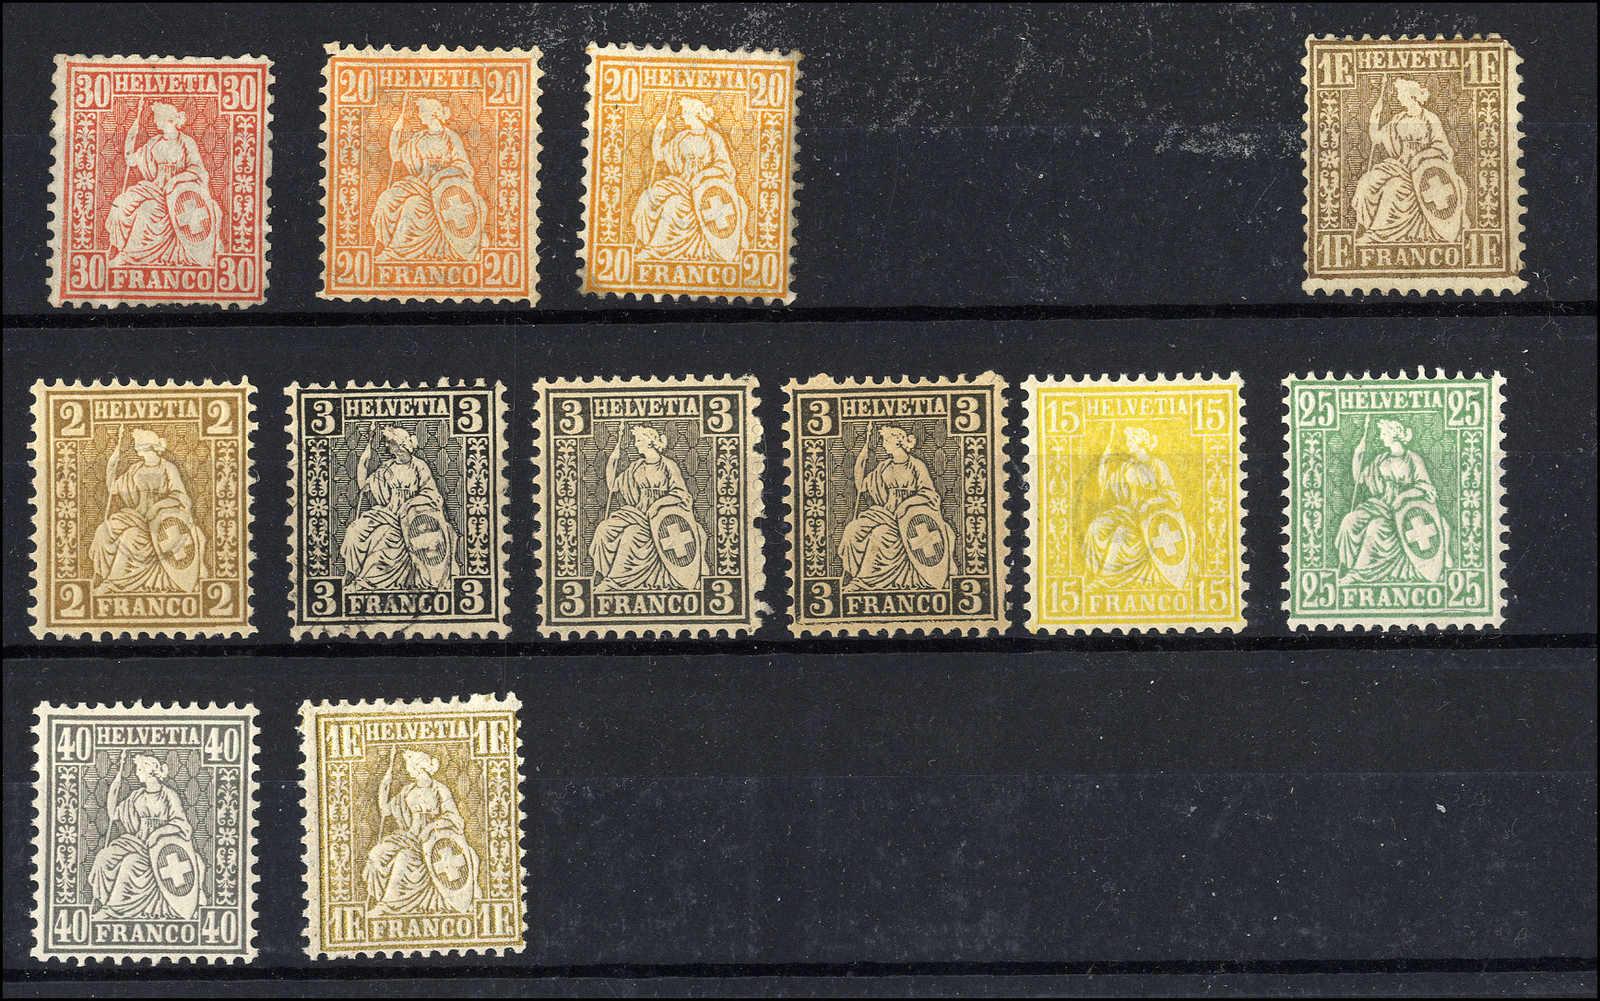 Lot 81 - schweiz schweiz -  Rolli Auctions Auction #68 Day 1